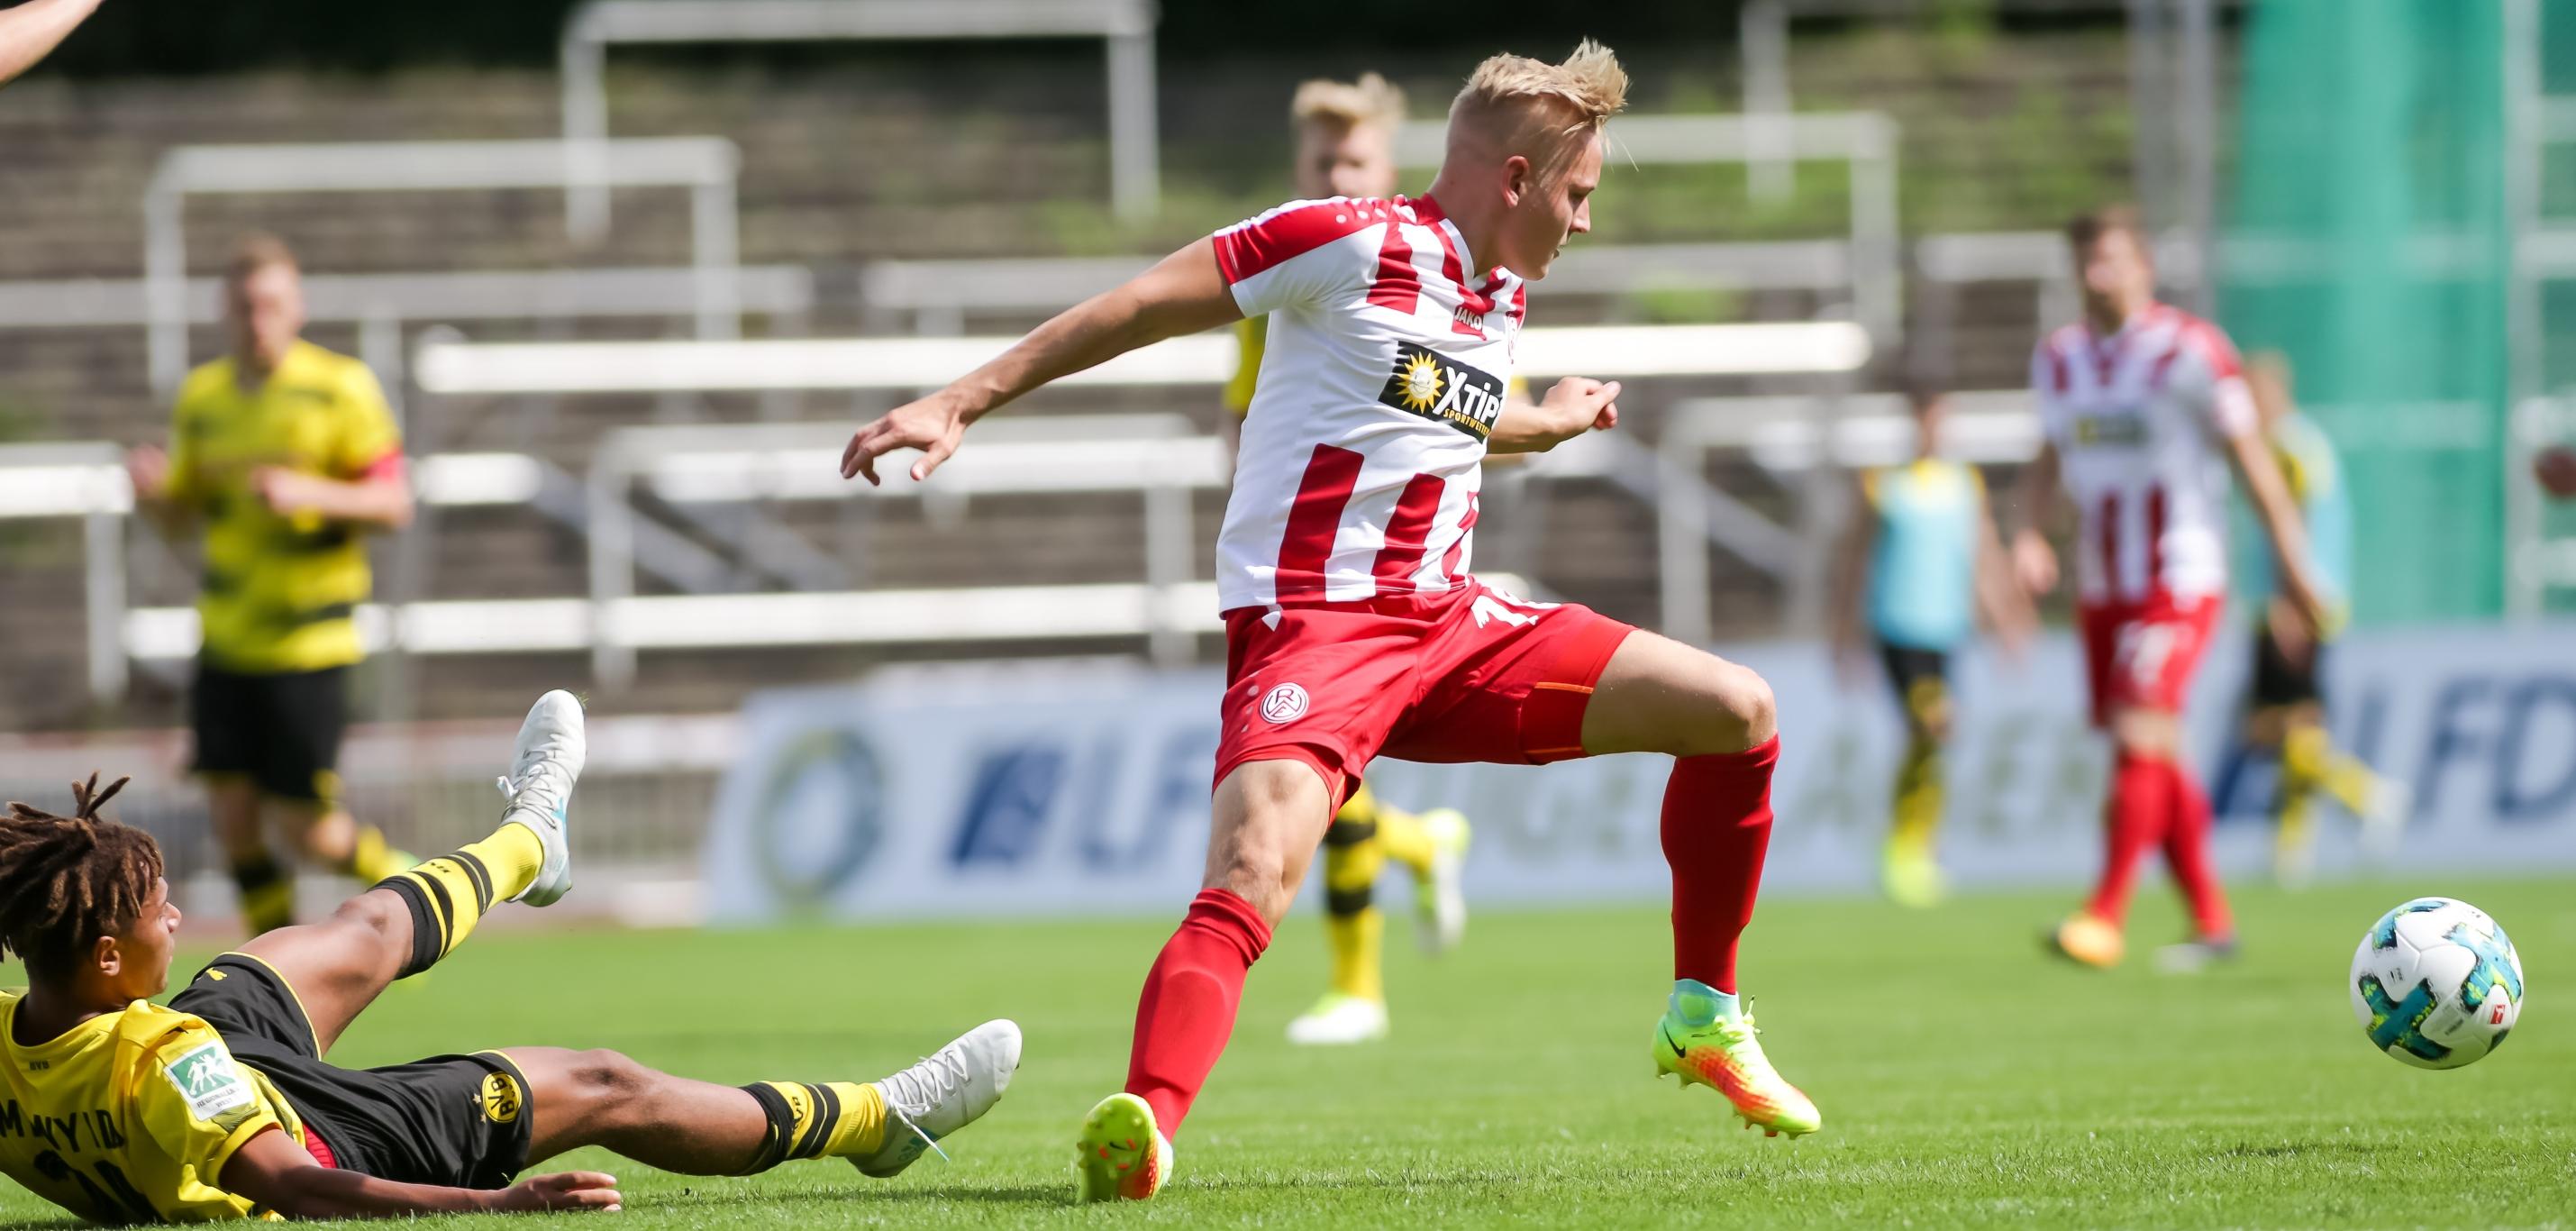 In der vergangenen Saison trennten sich beide Mannschaften im Stadion Rote Erde mit 2:2. (Foto: Endberg)